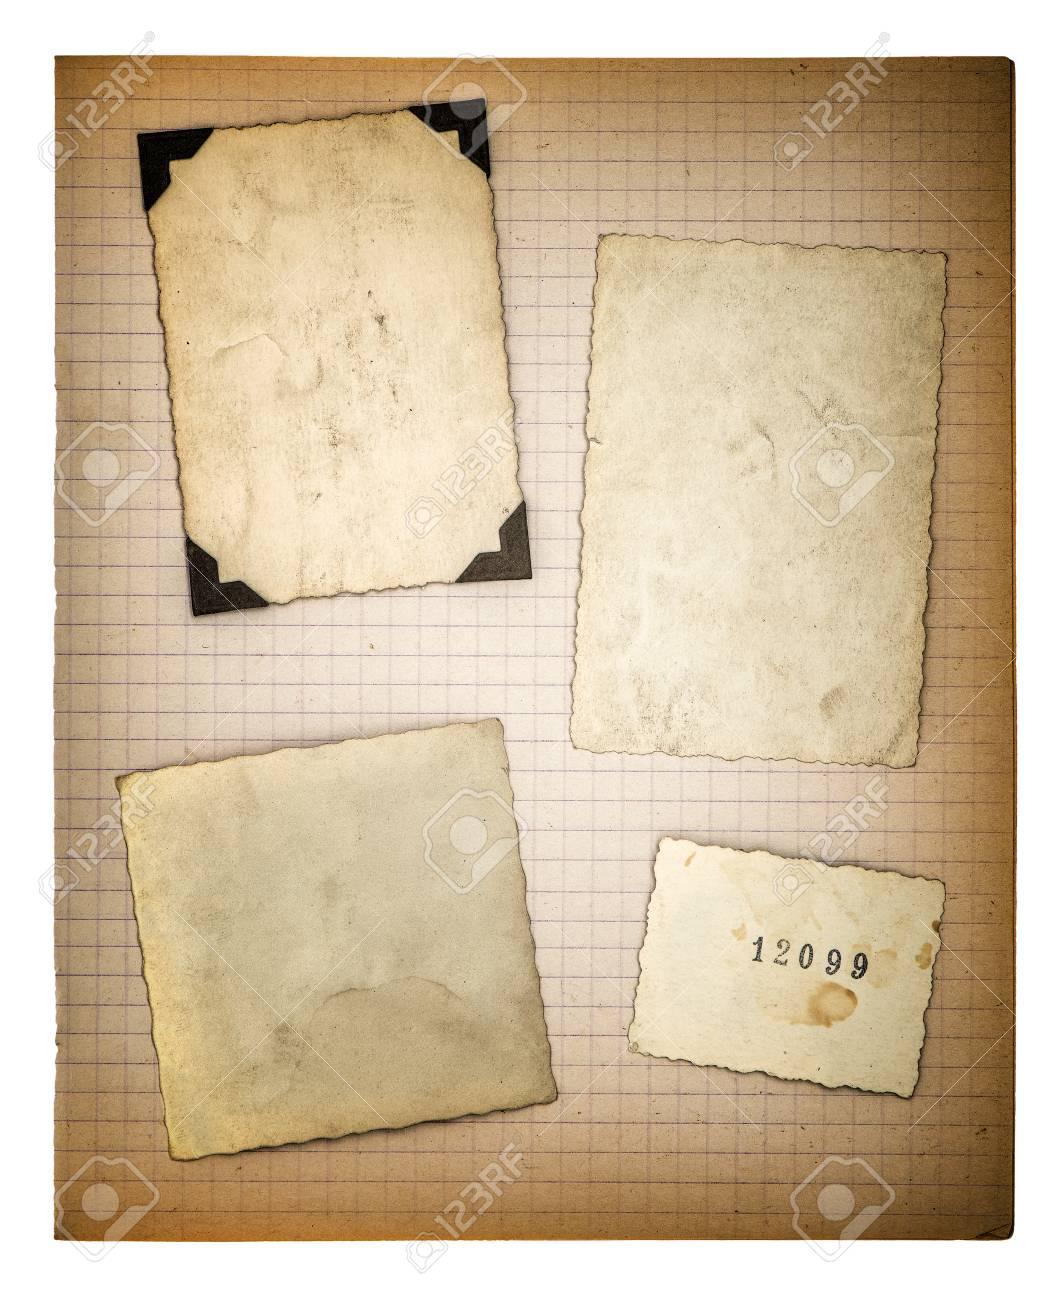 Schön Lebensdauer Ein Rahmen Playset Fotos - Rahmen Ideen ...